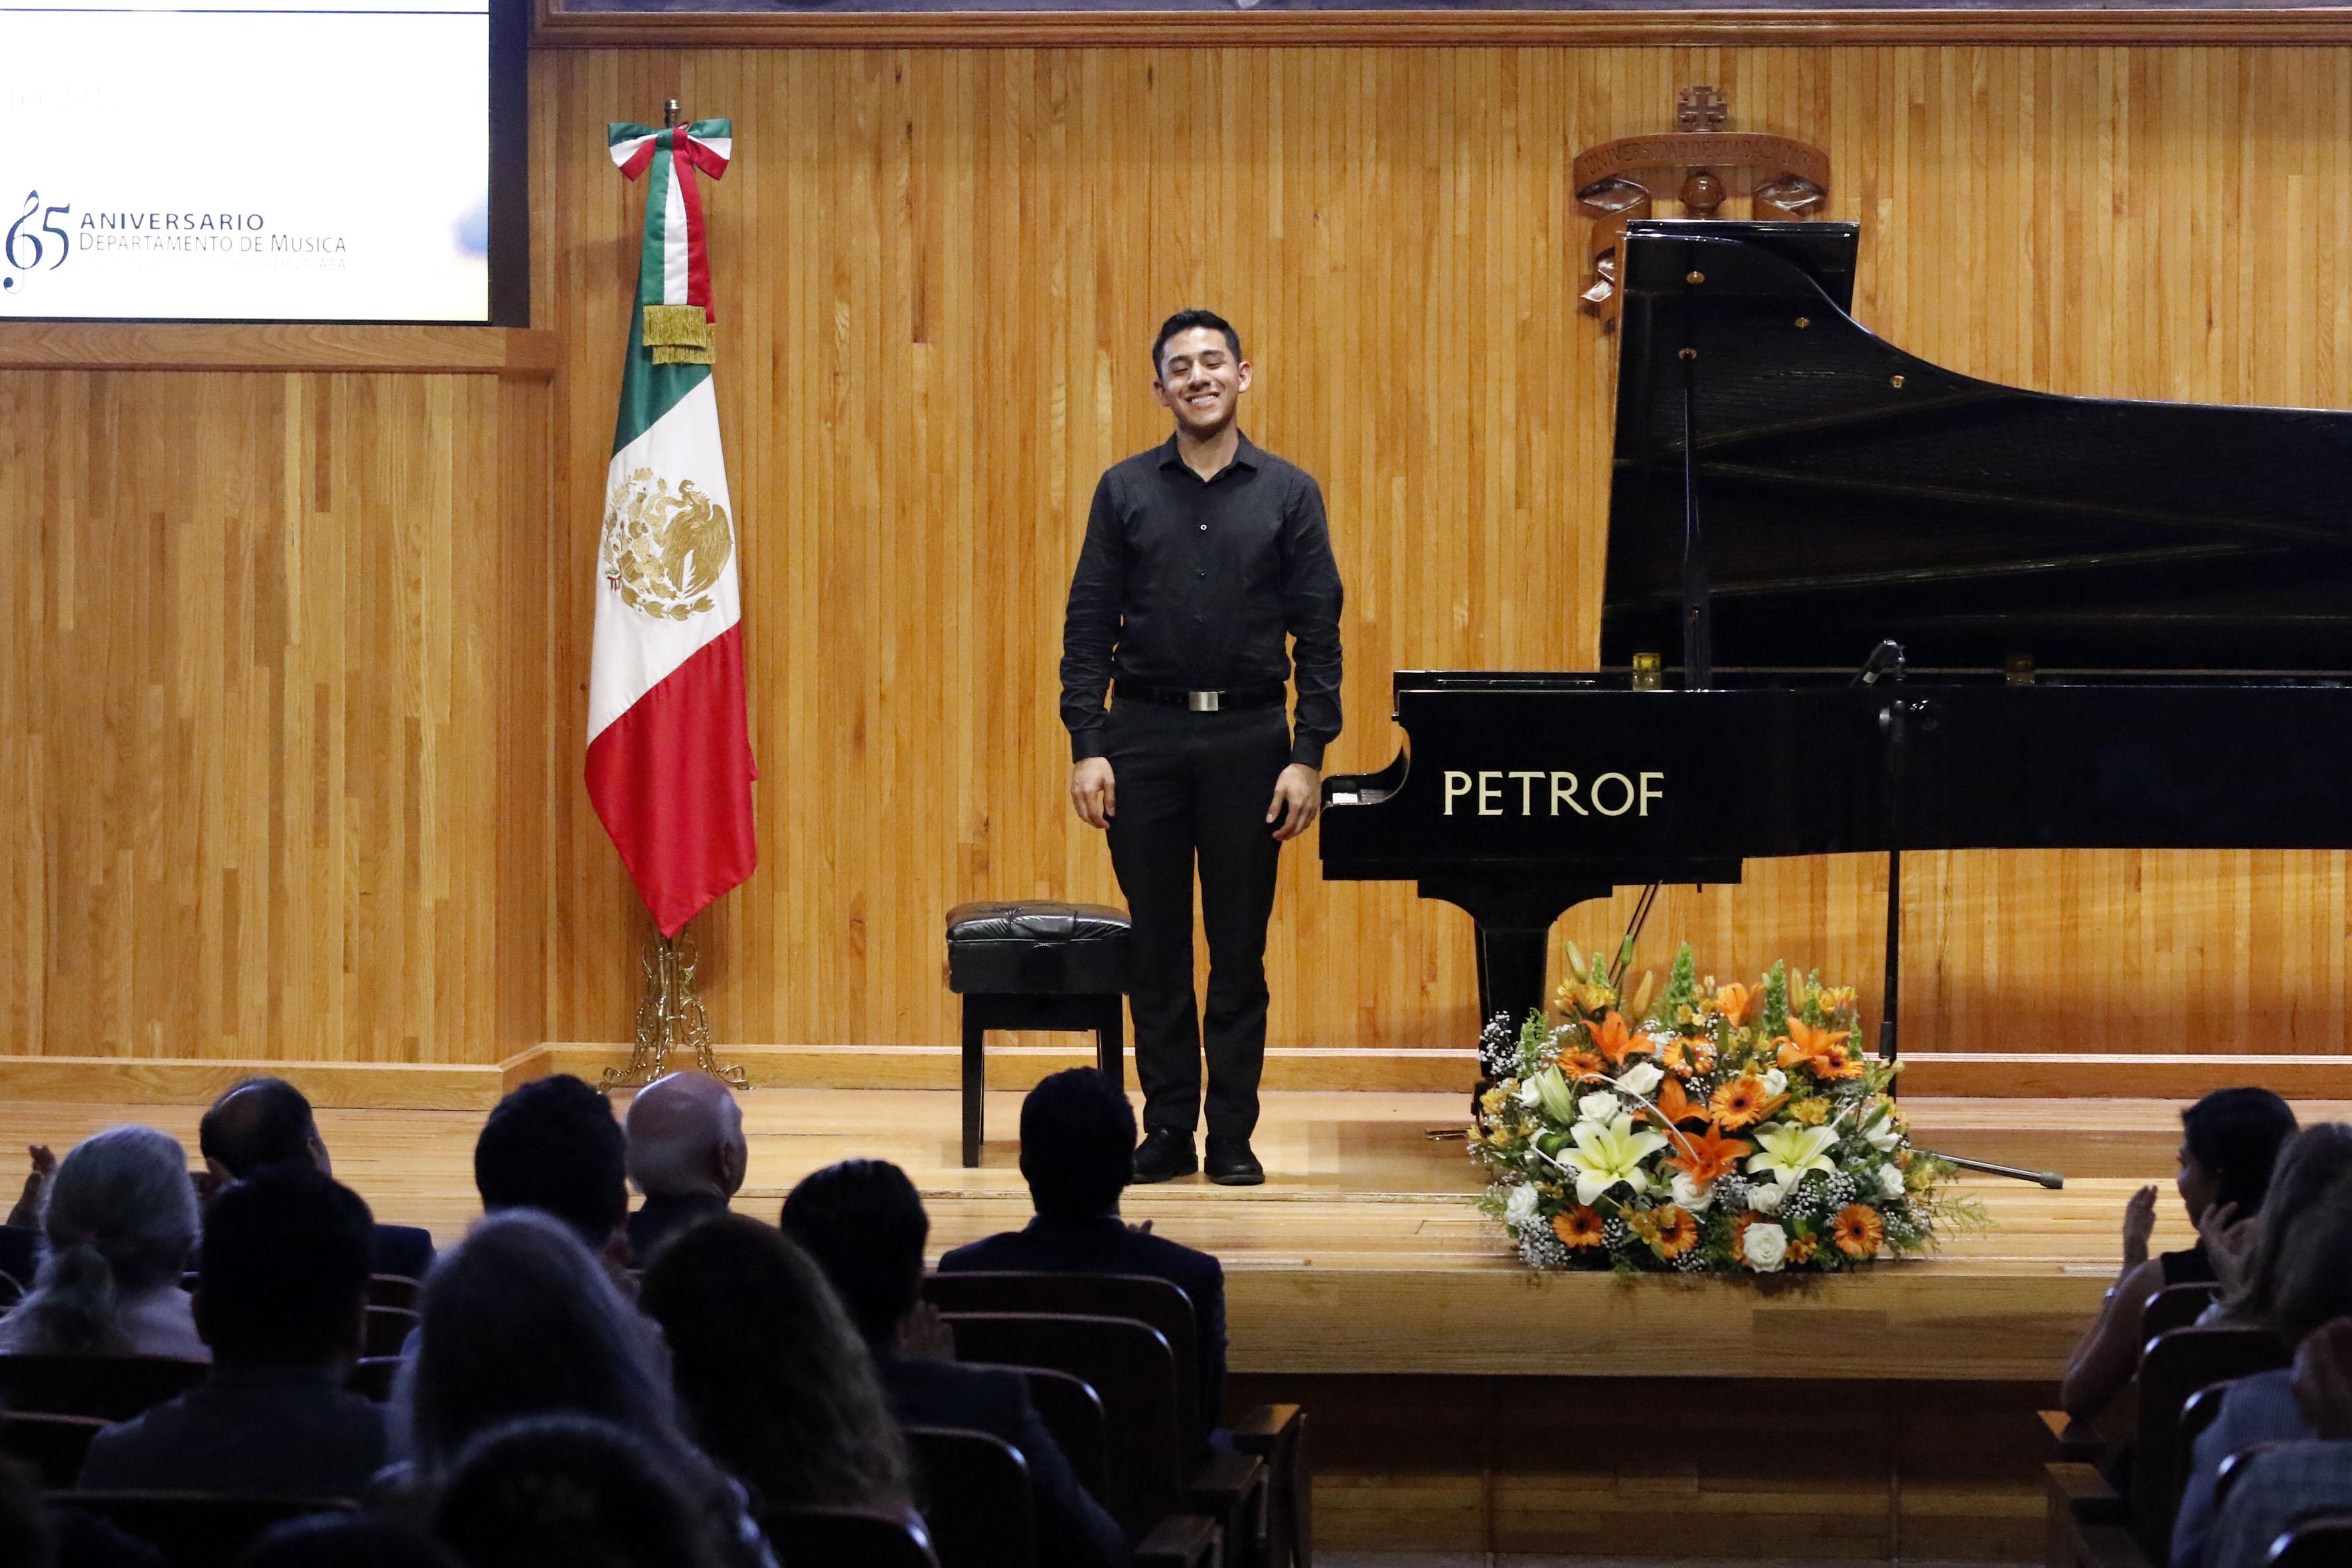 José María Espinosa Zúñiga, ganador del tercer lugar en el Concurso Nacional de Piano, recibiendo ovaciones por parte del público asistente.